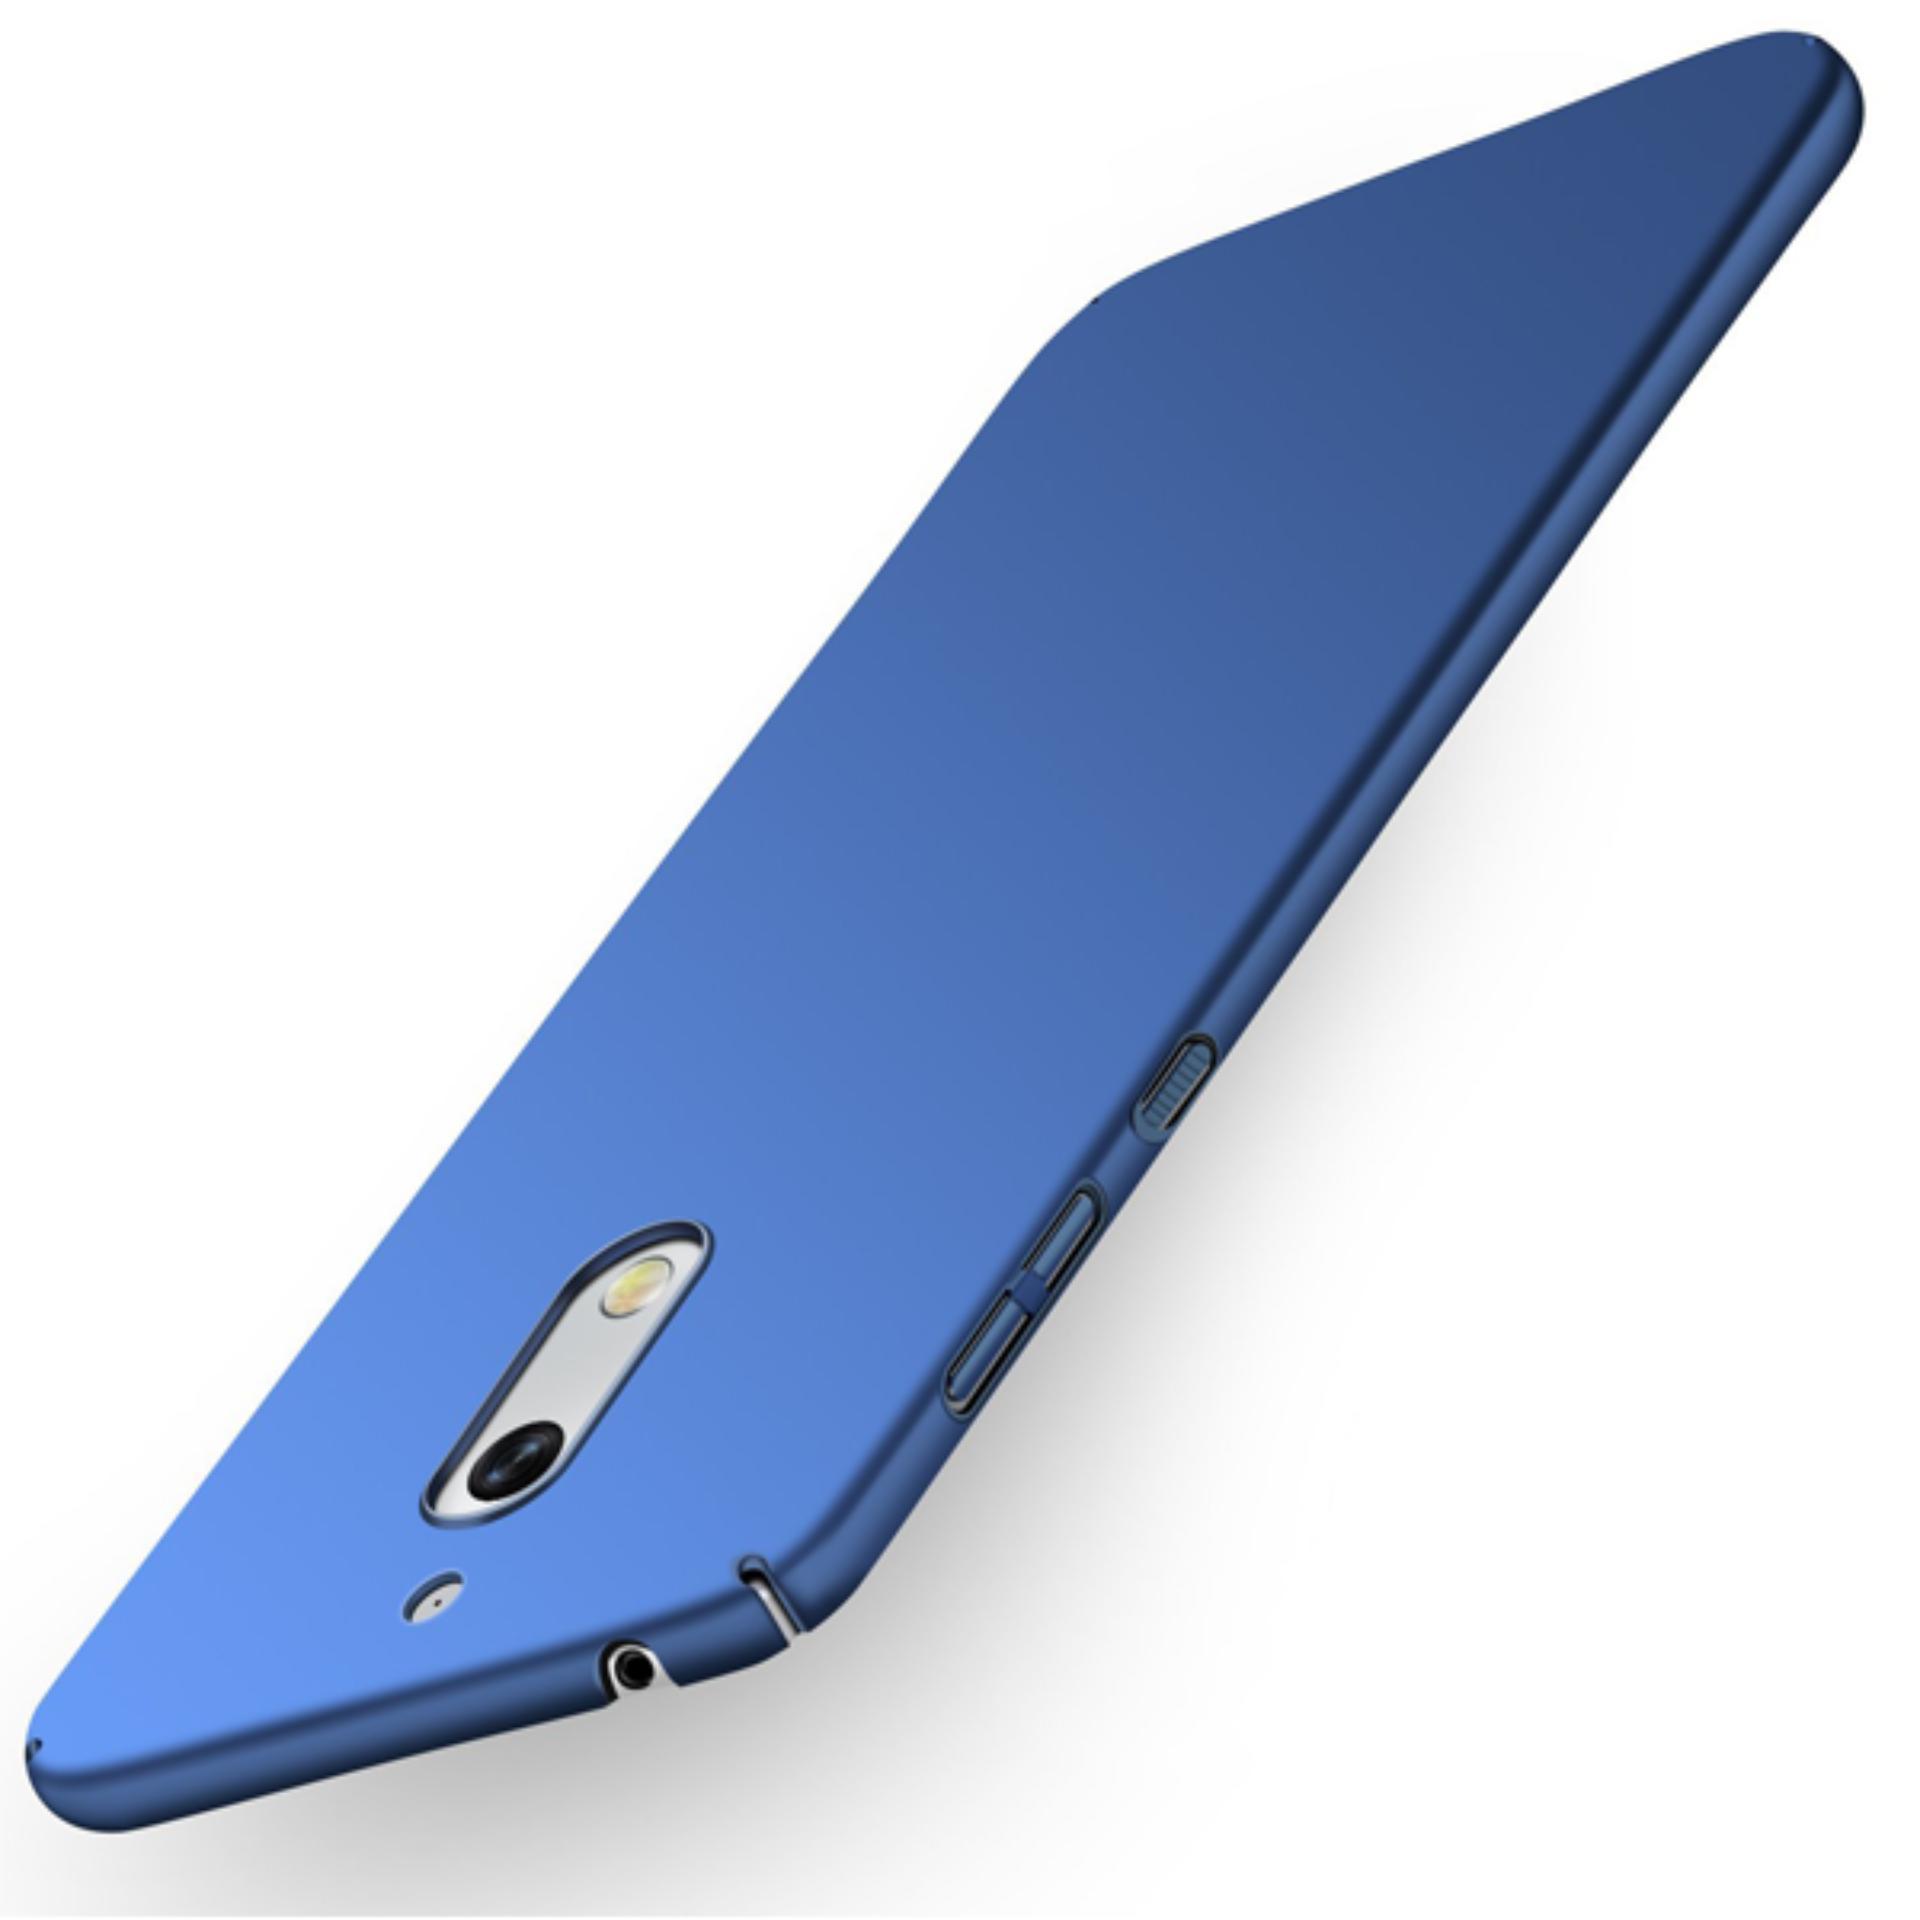 Case Dyval Softcase Nokia 6 Biru tua